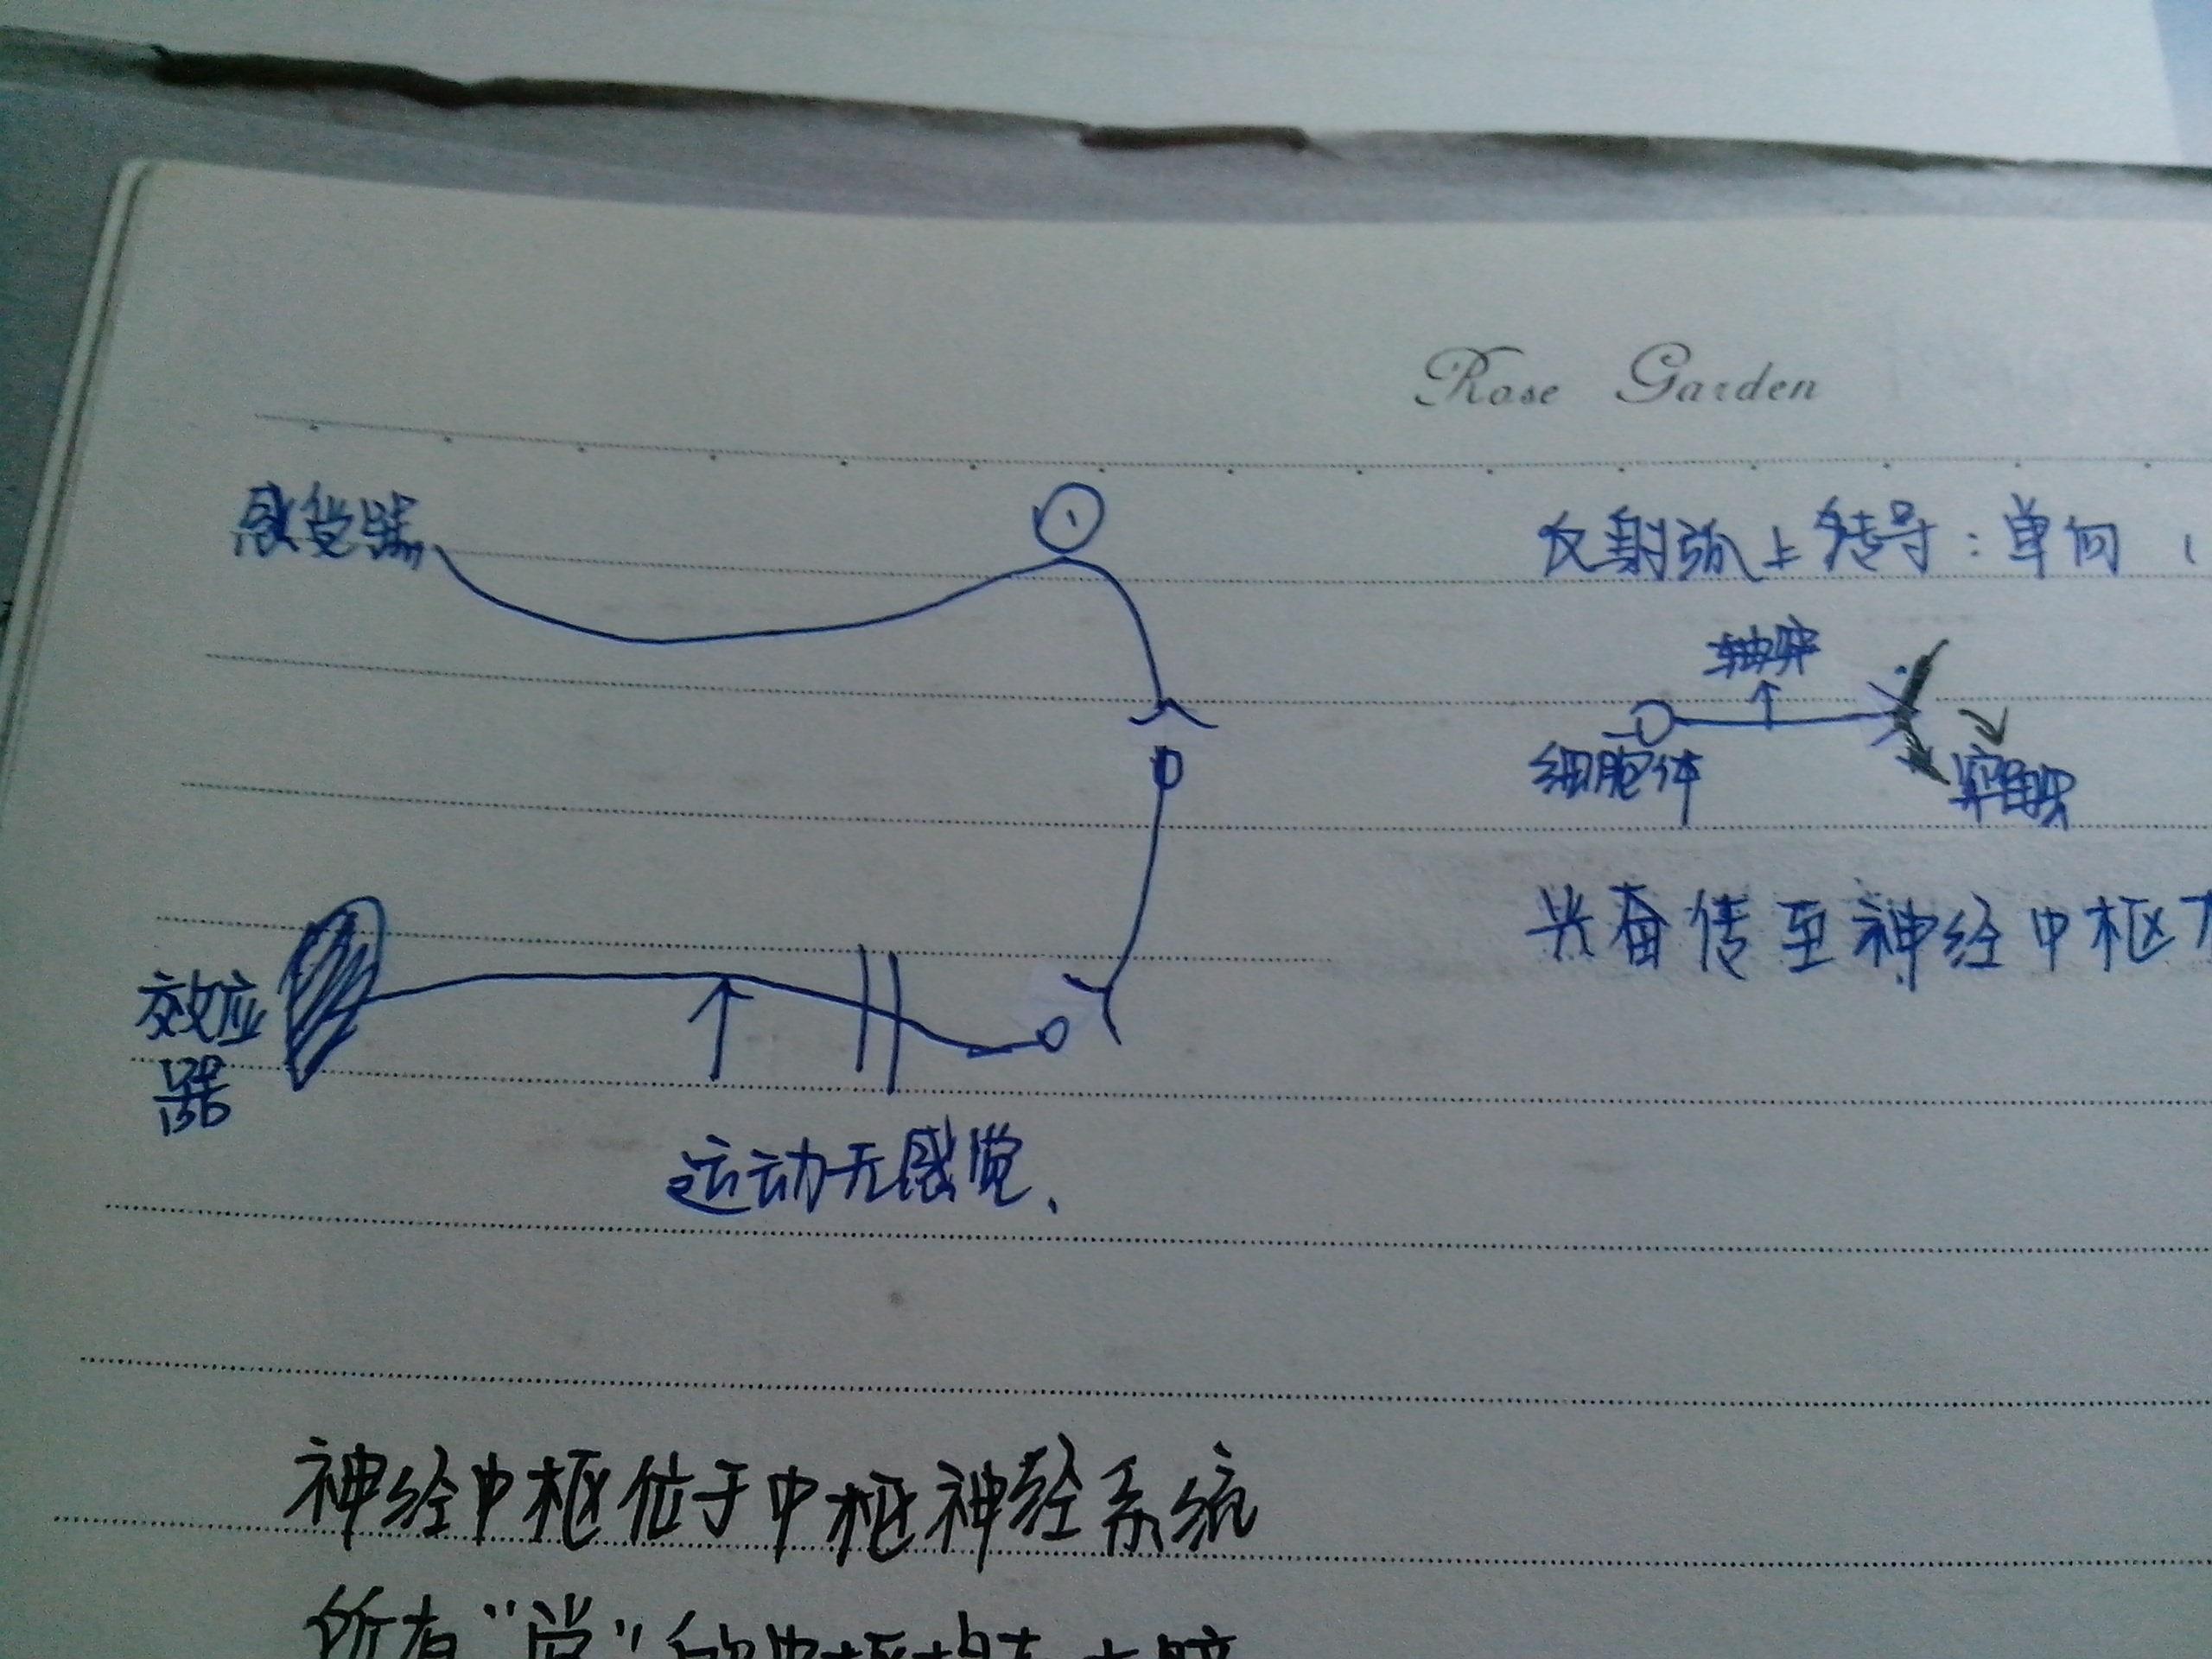 突触简图怎么画?各个图标都代表什么?